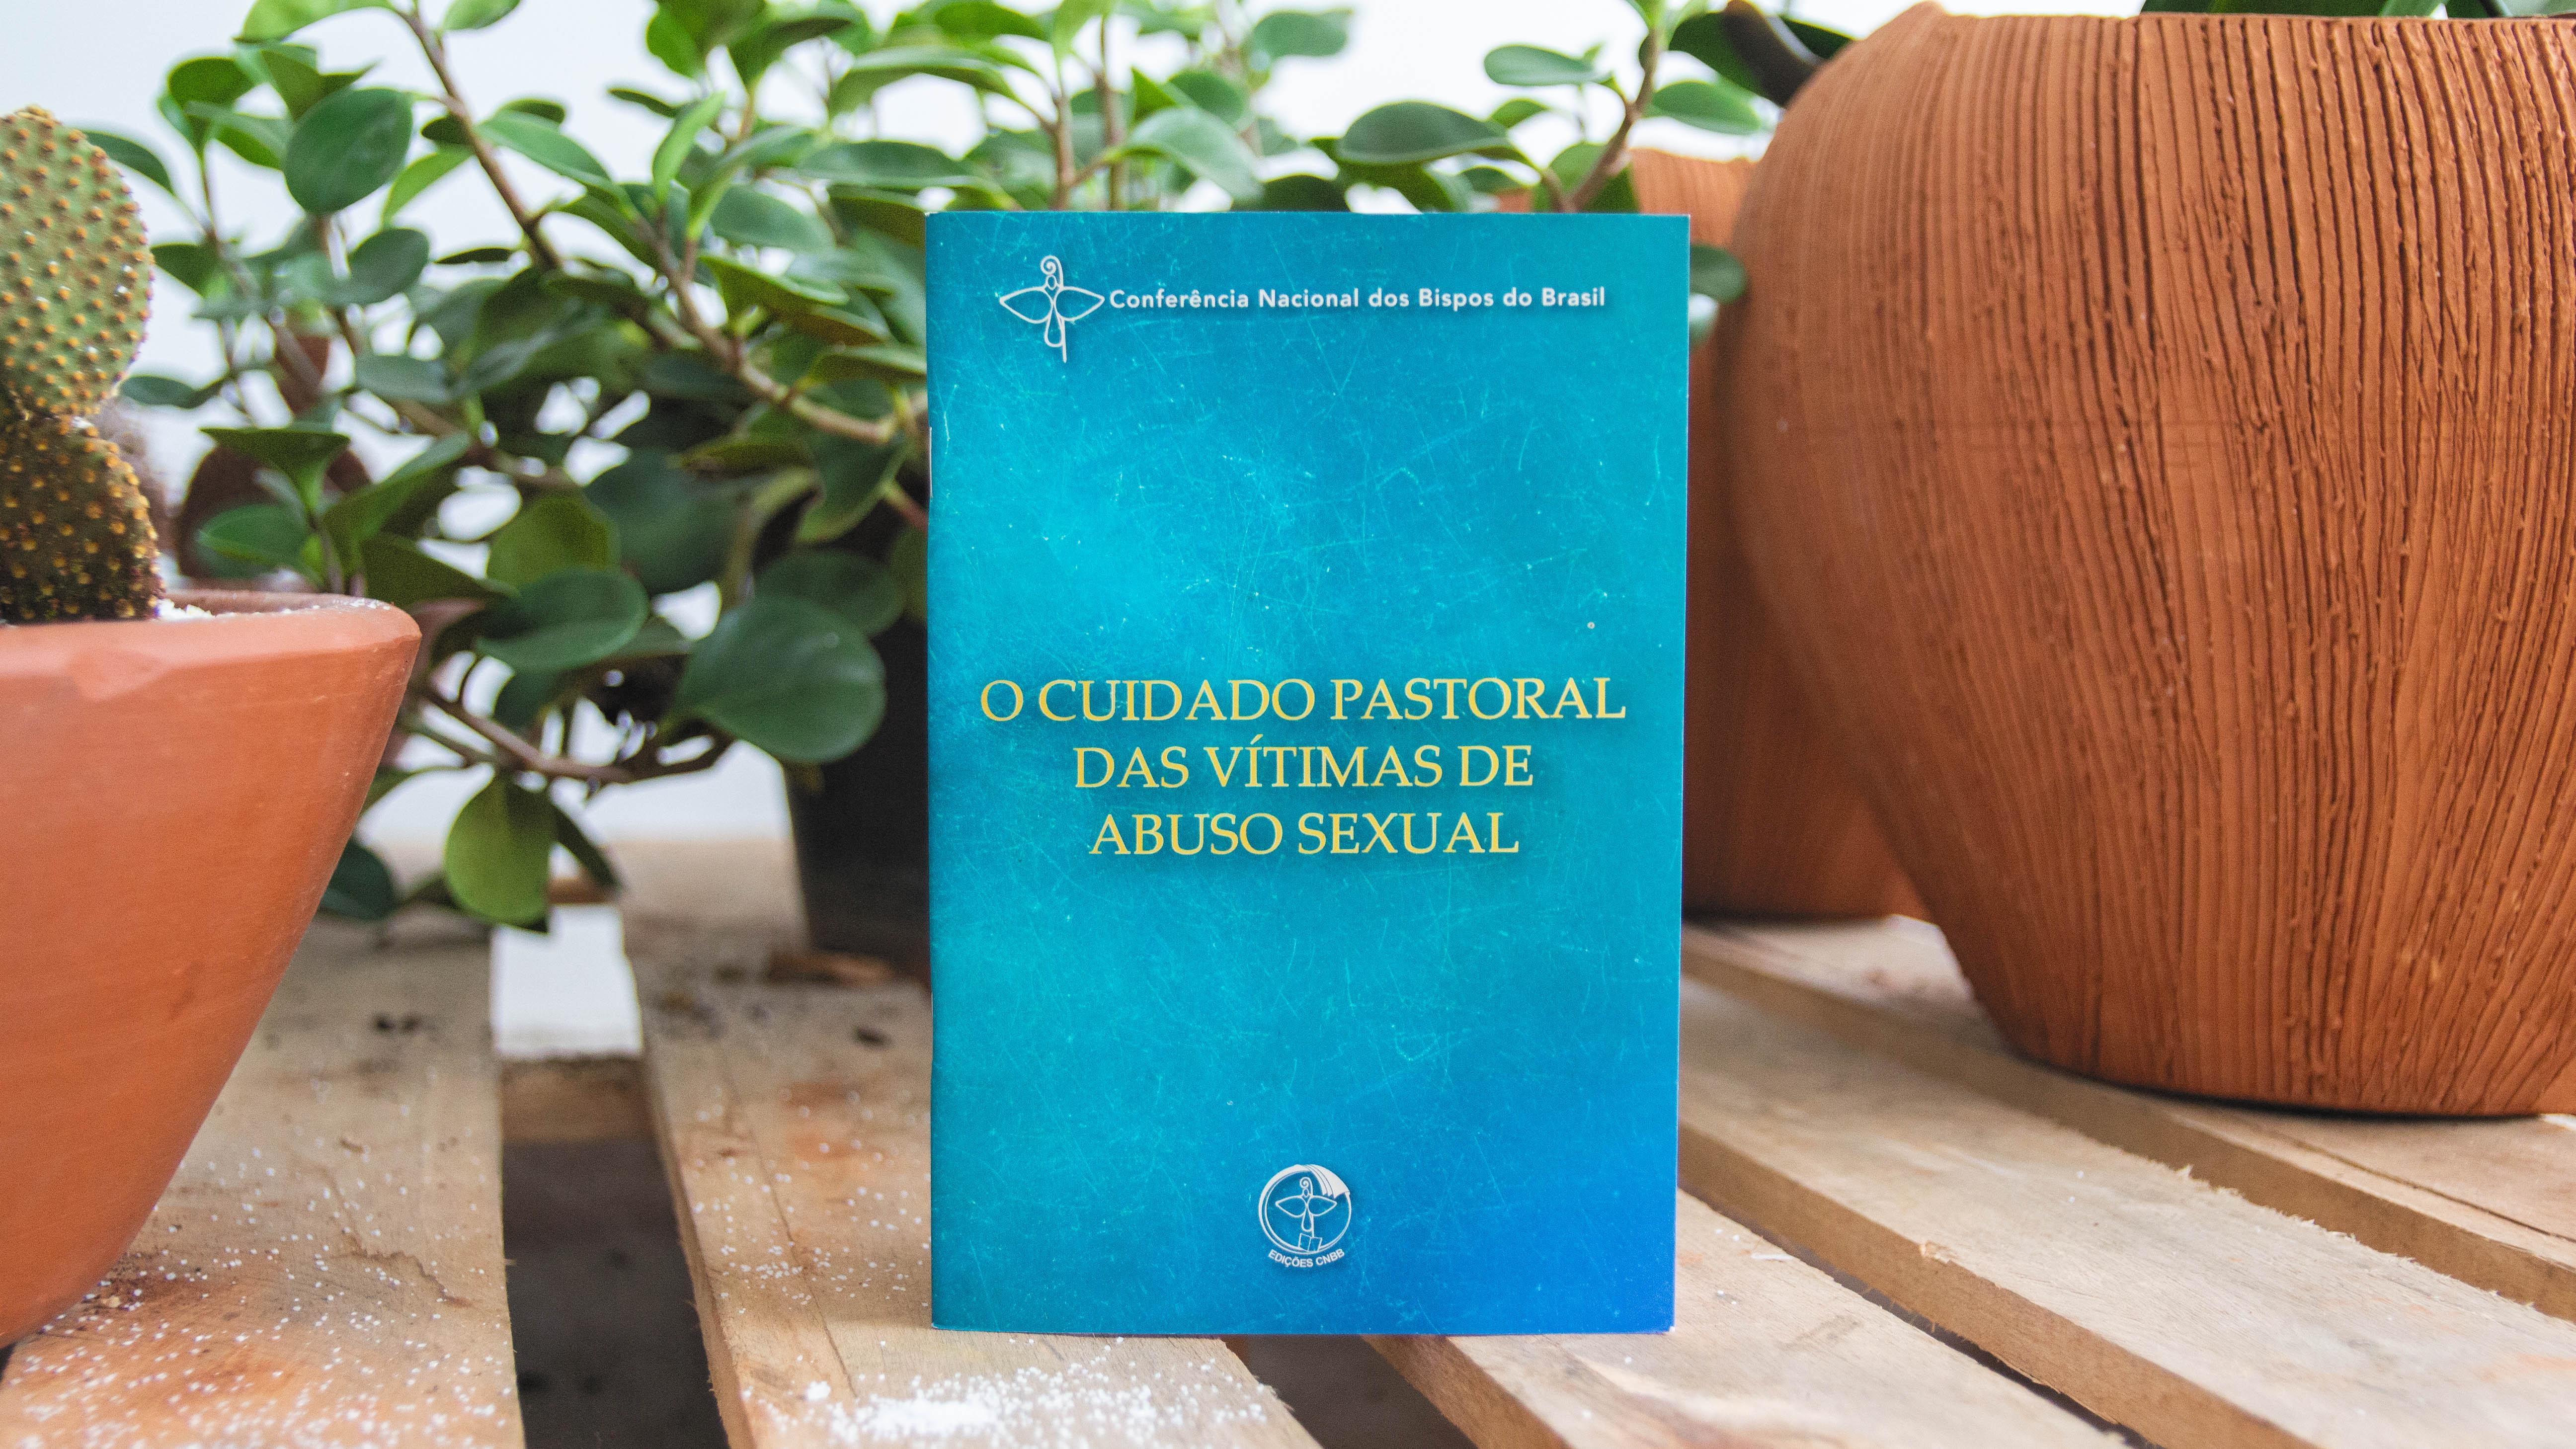 CNBB lança livro com orientações sobre o cuidado pastoral das vítimas de abuso sexual